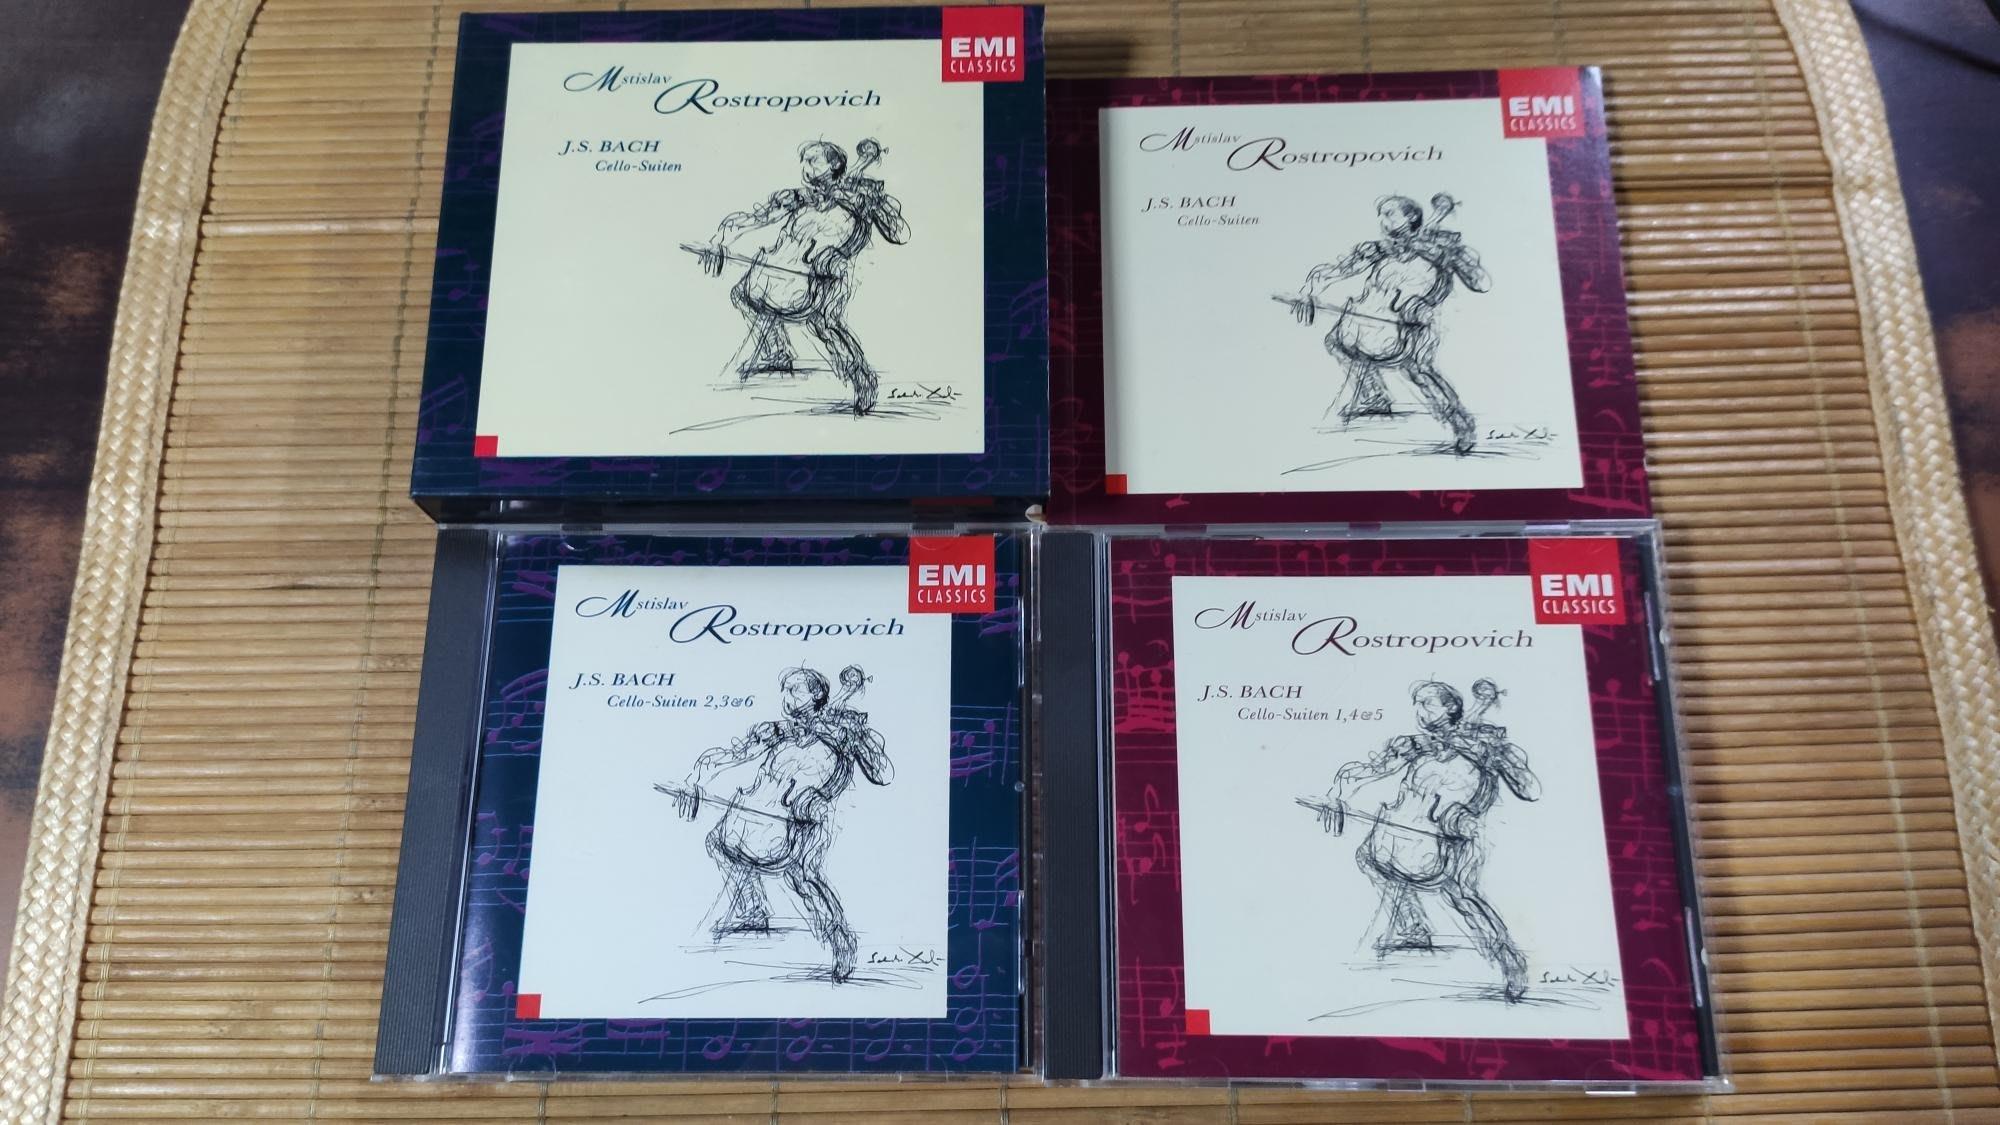 好音悅 Rostropovich 羅斯托波維奇 BACH 巴赫 巴哈 無伴奏 大提琴組曲 EMI 2CD USA美版